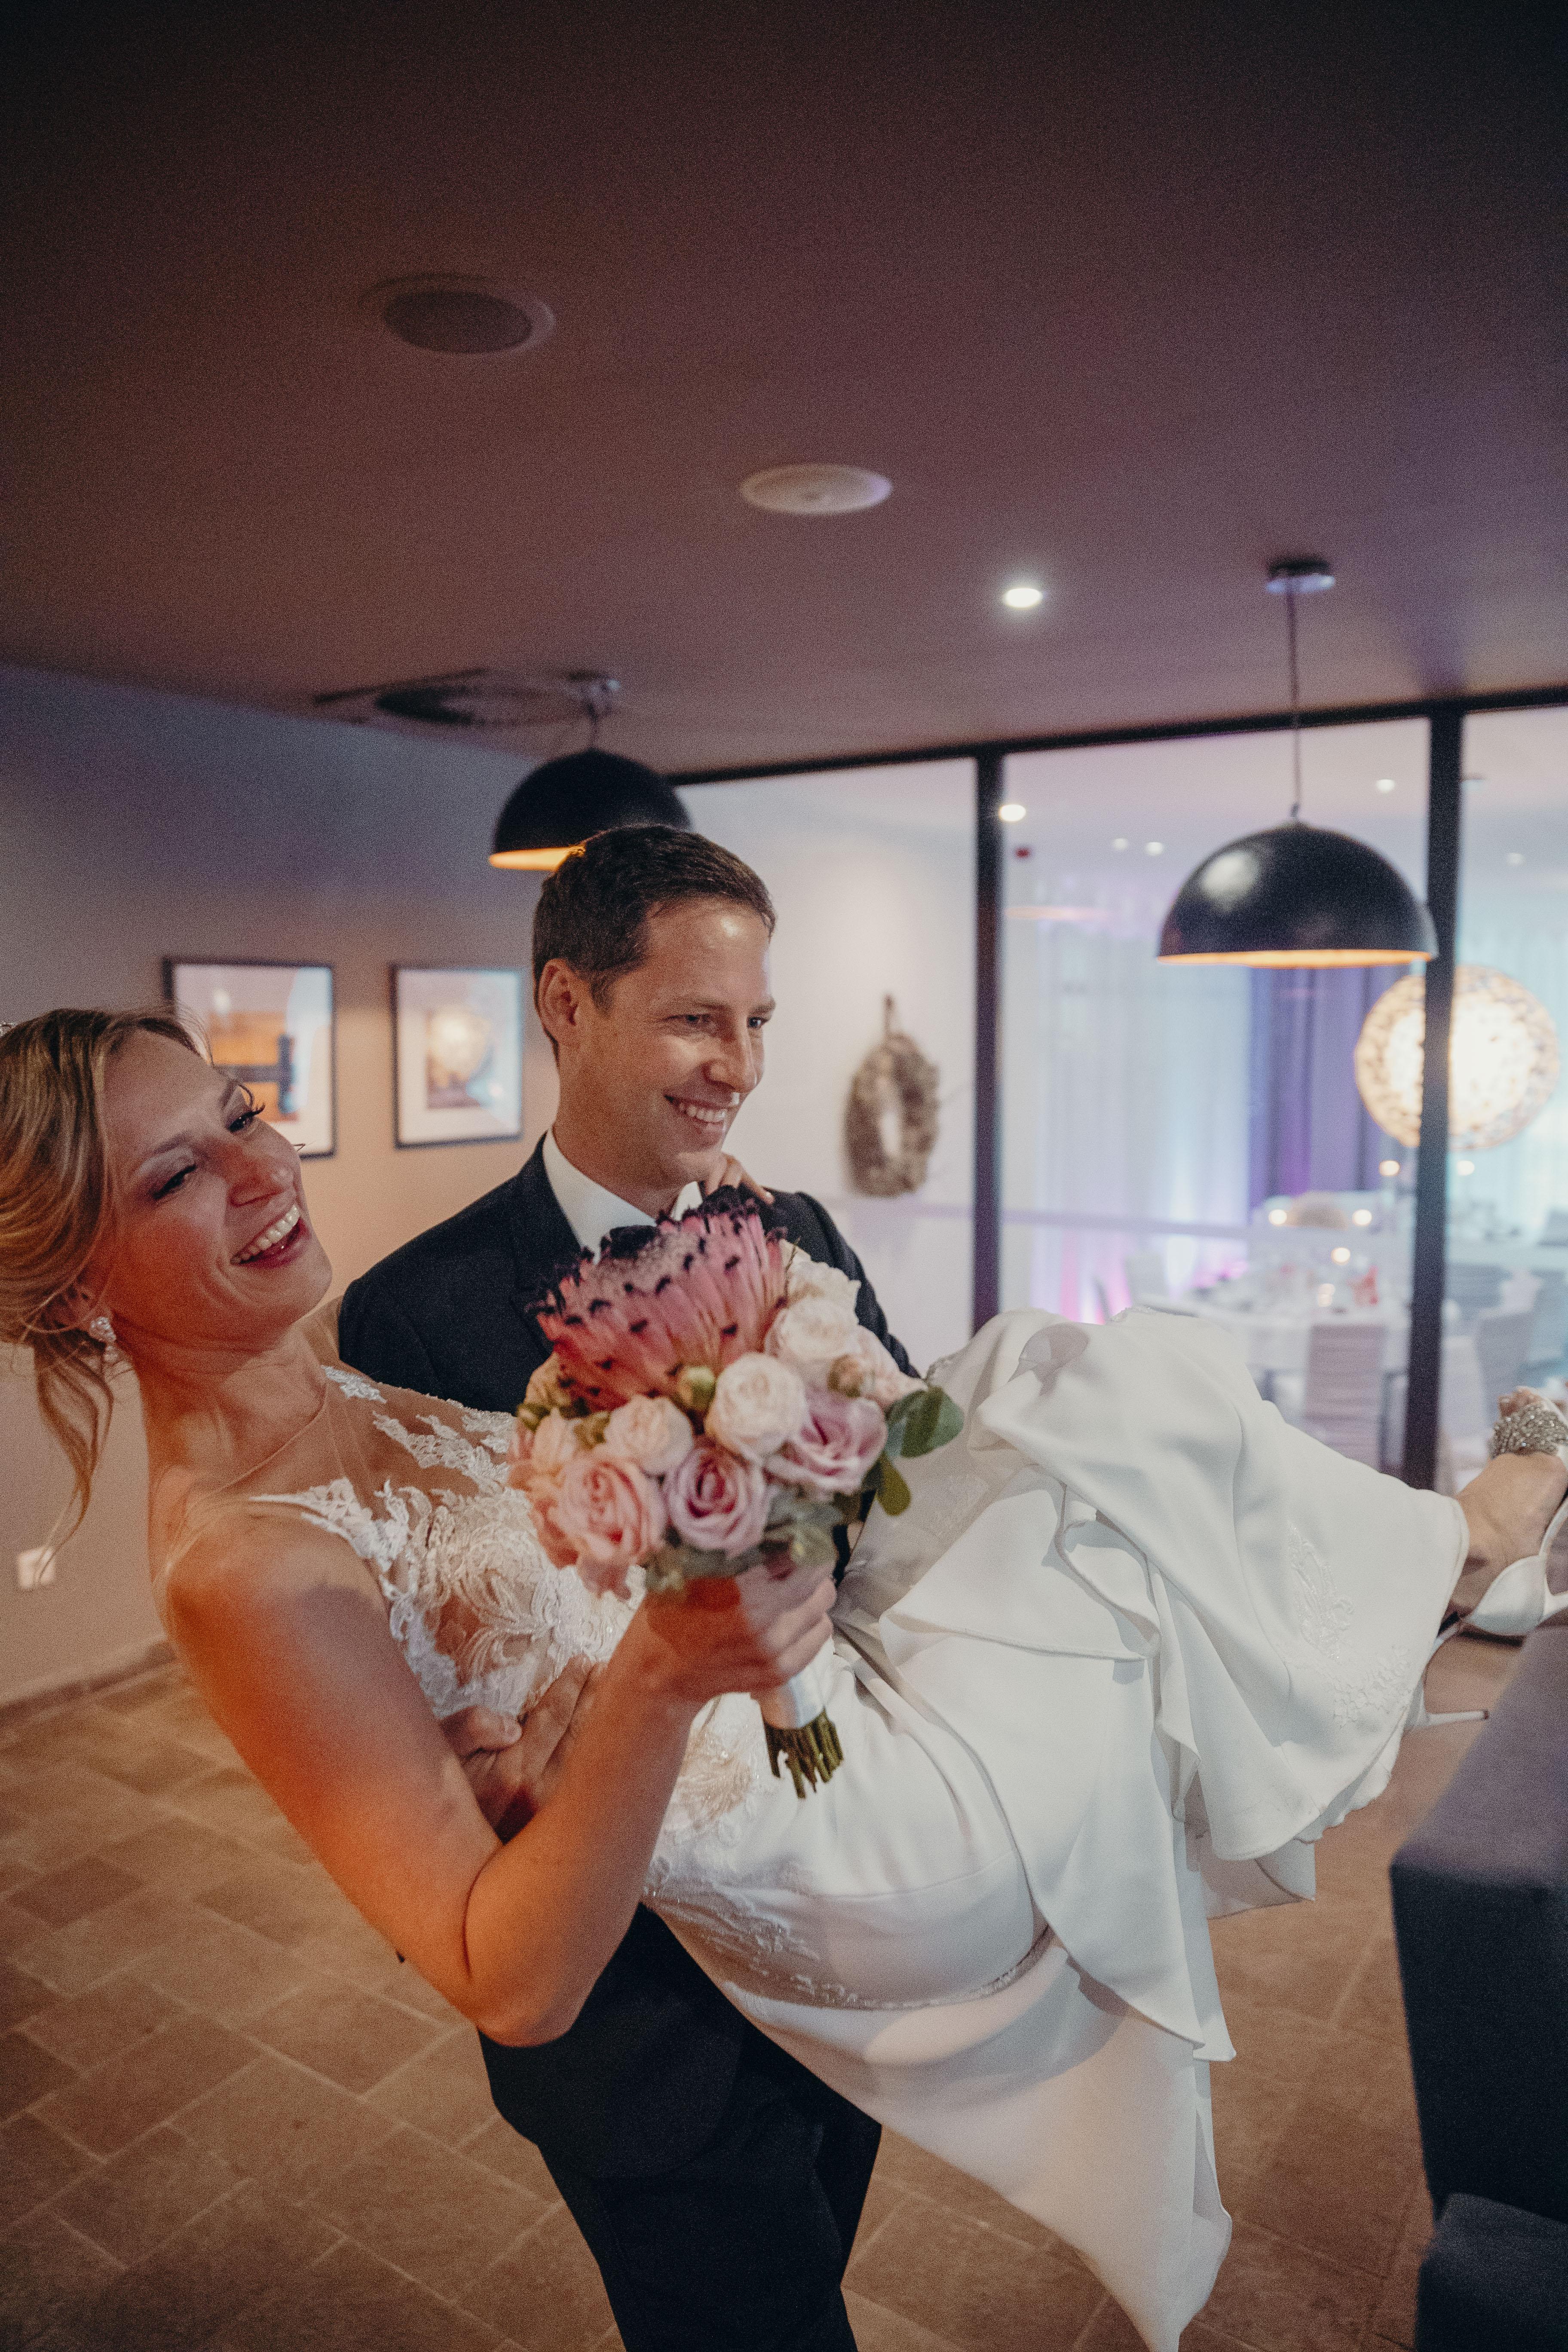 Svadba SALAMANDRA RESORT HOTEL 01, #svadobnyDJ, #svadba, #Salamandrahotel